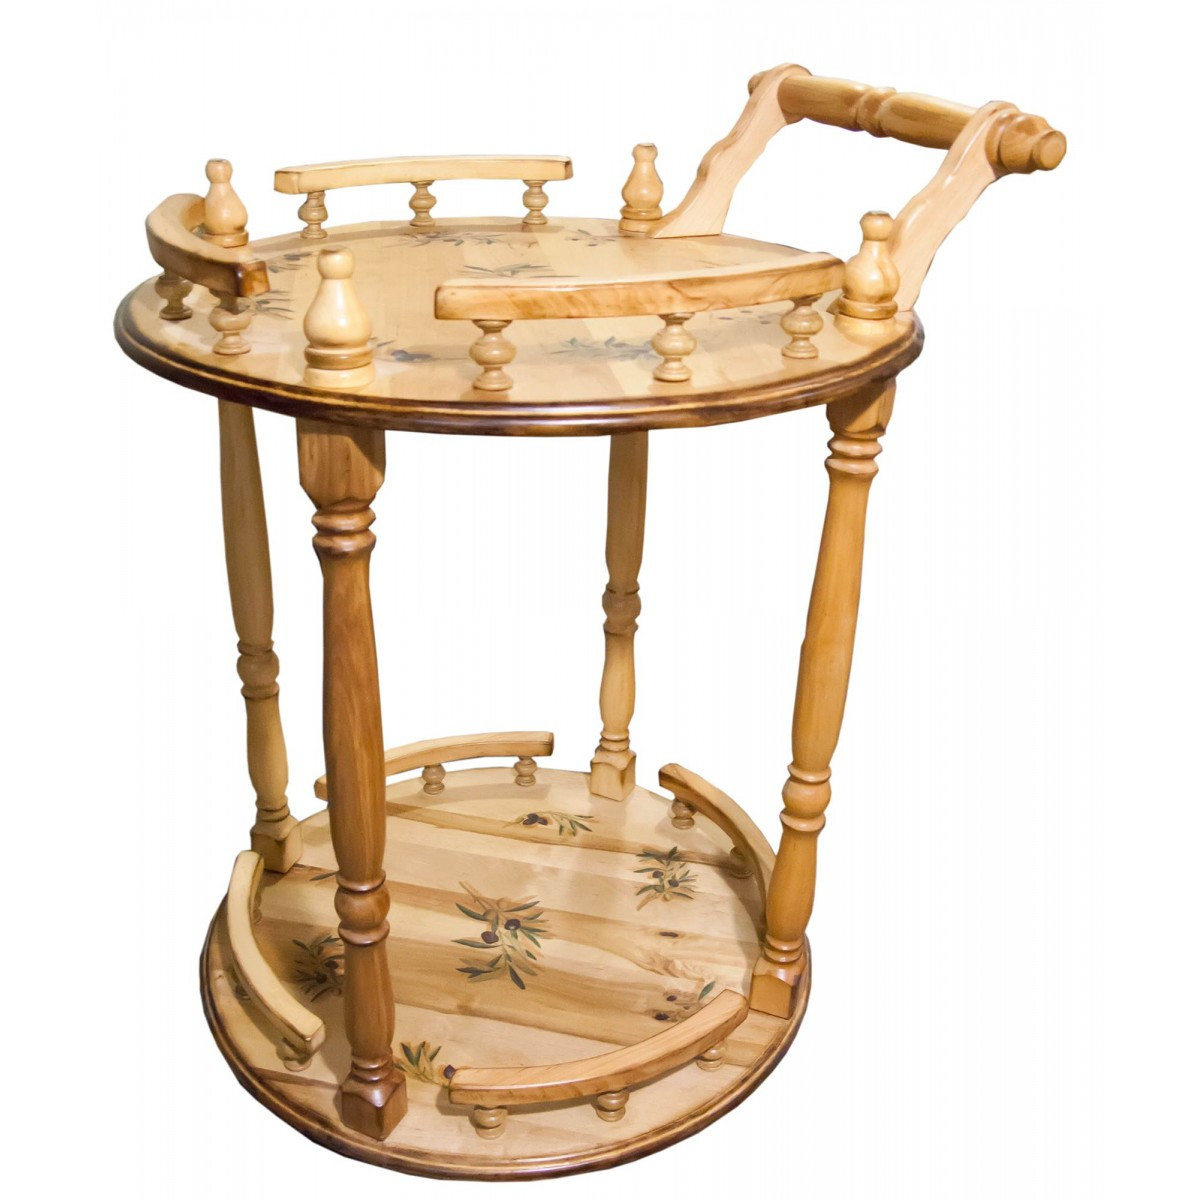 столик сервировочный из натурального дерева отечественного производства оливка